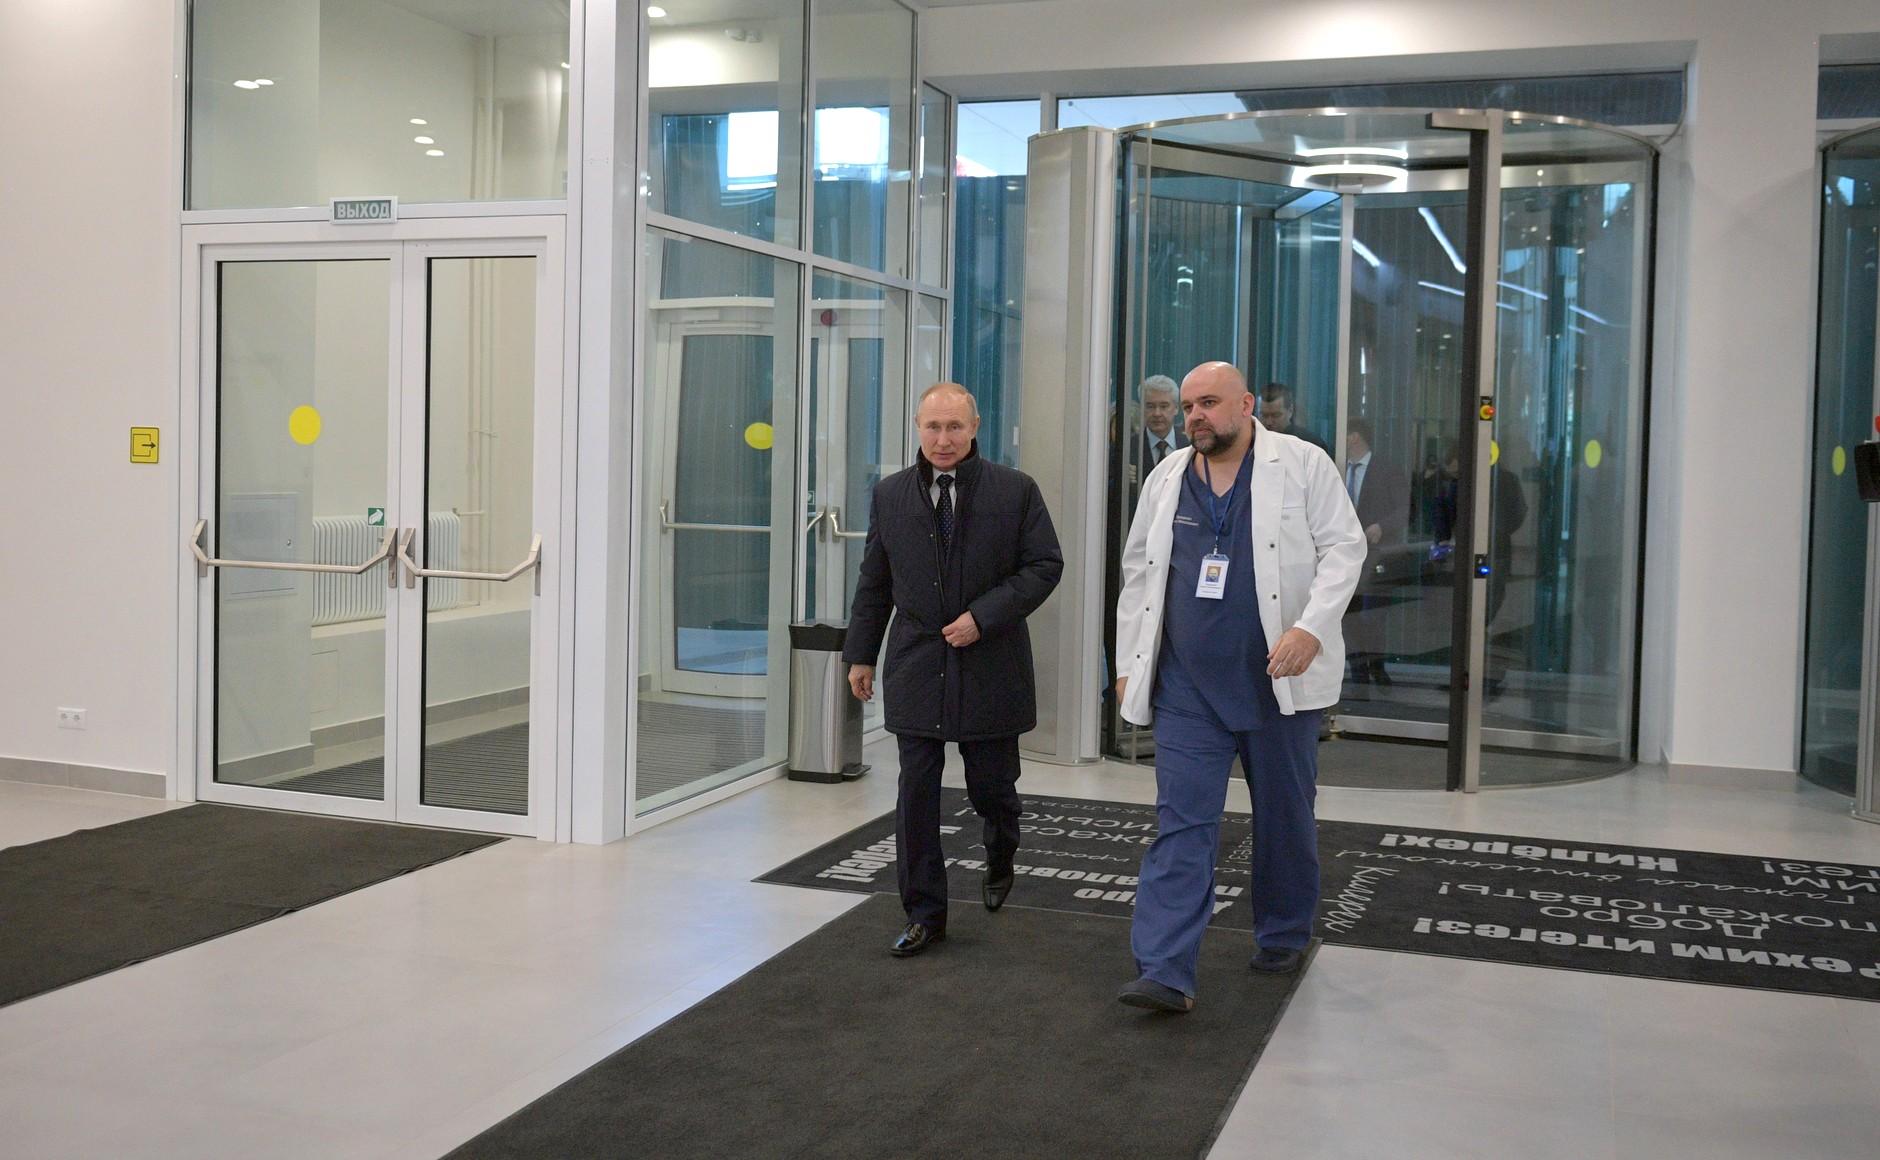 Неделю назад Проценко встречался с Путиным. Расстояние между ними явно меньше 1,5 метра